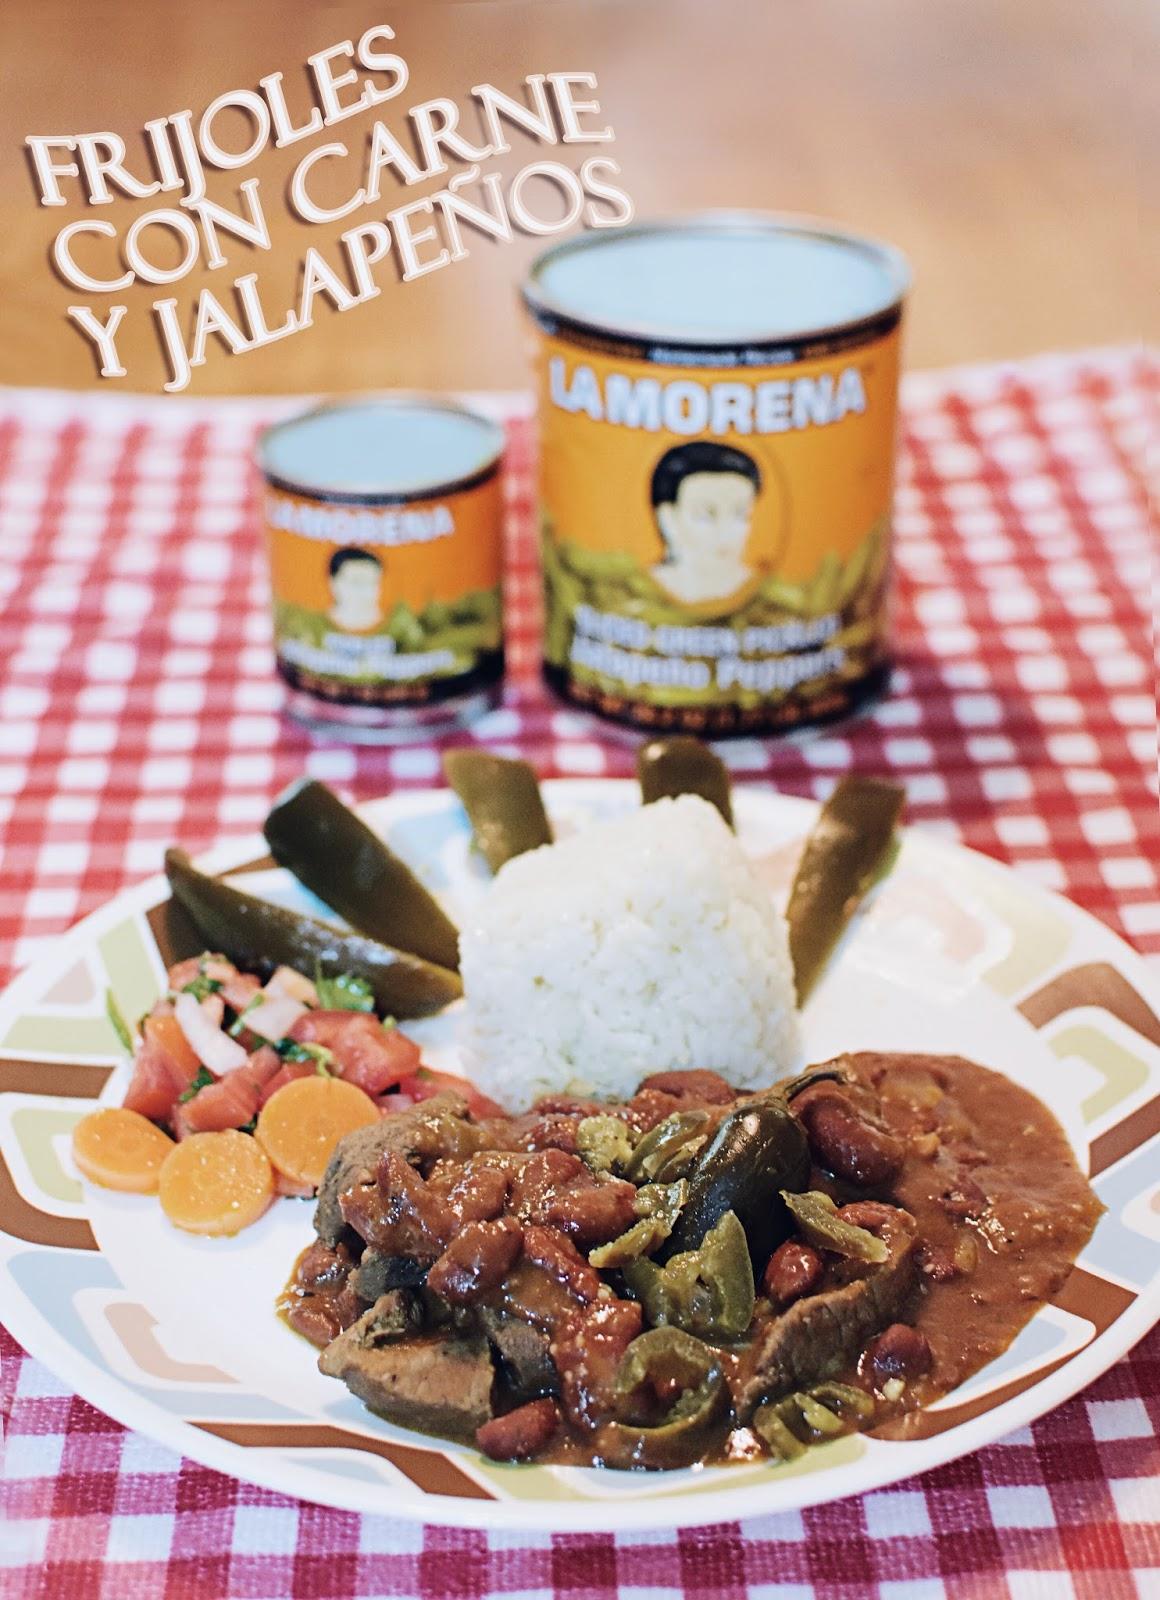 Frijoles Con Carne y Jalapeños con la Morena by Mari Estilo